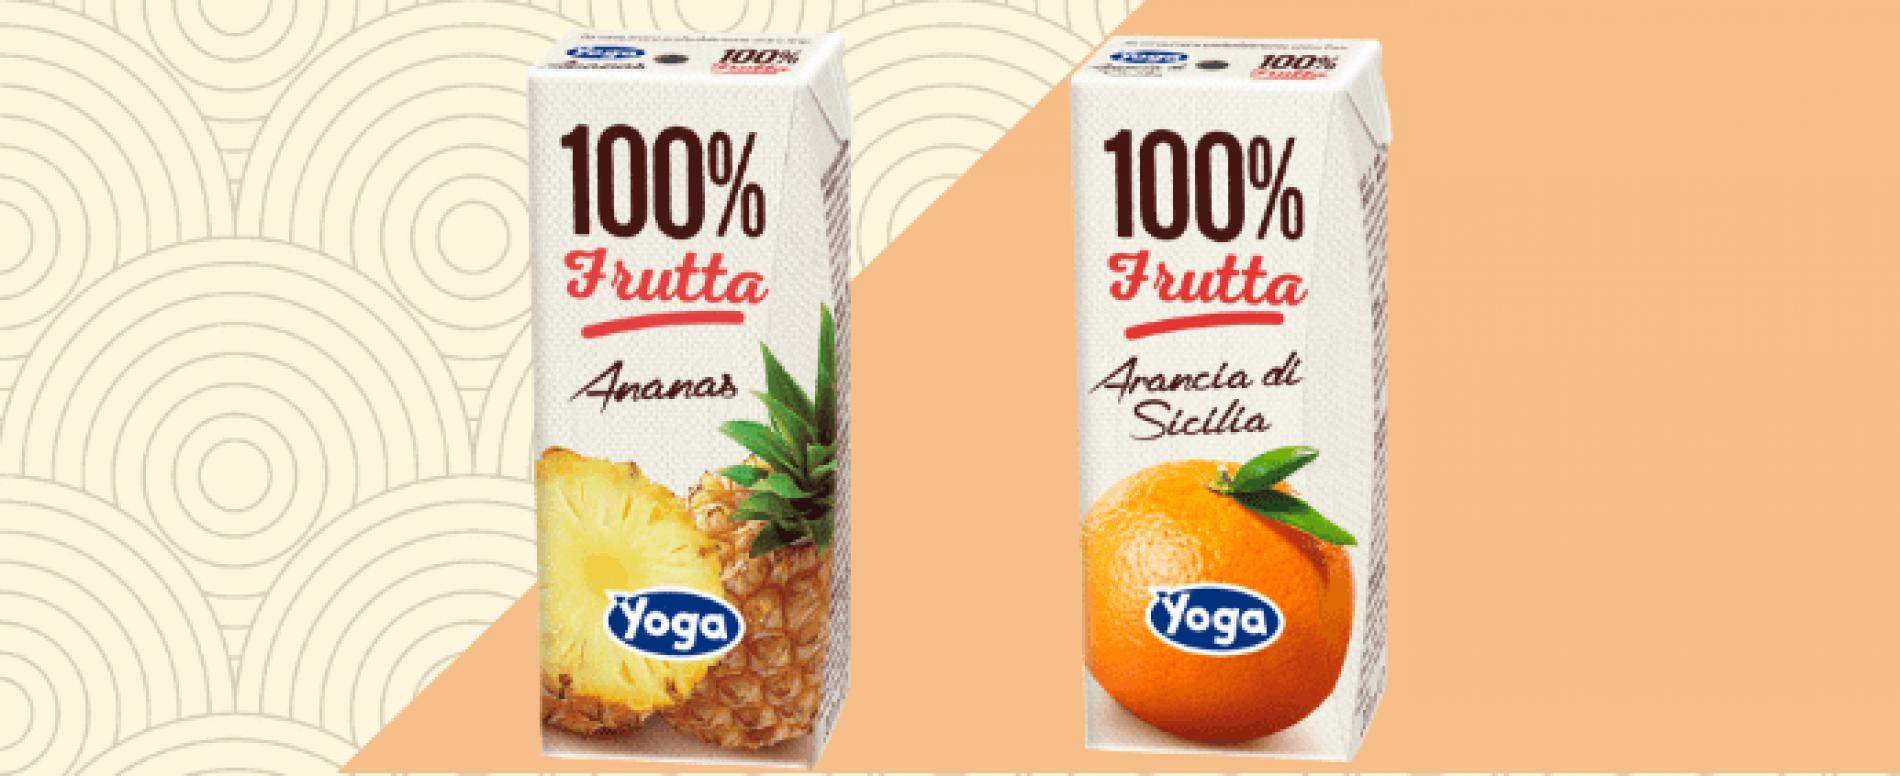 Arriva nel Vending la linea Yoga 100% Frutta